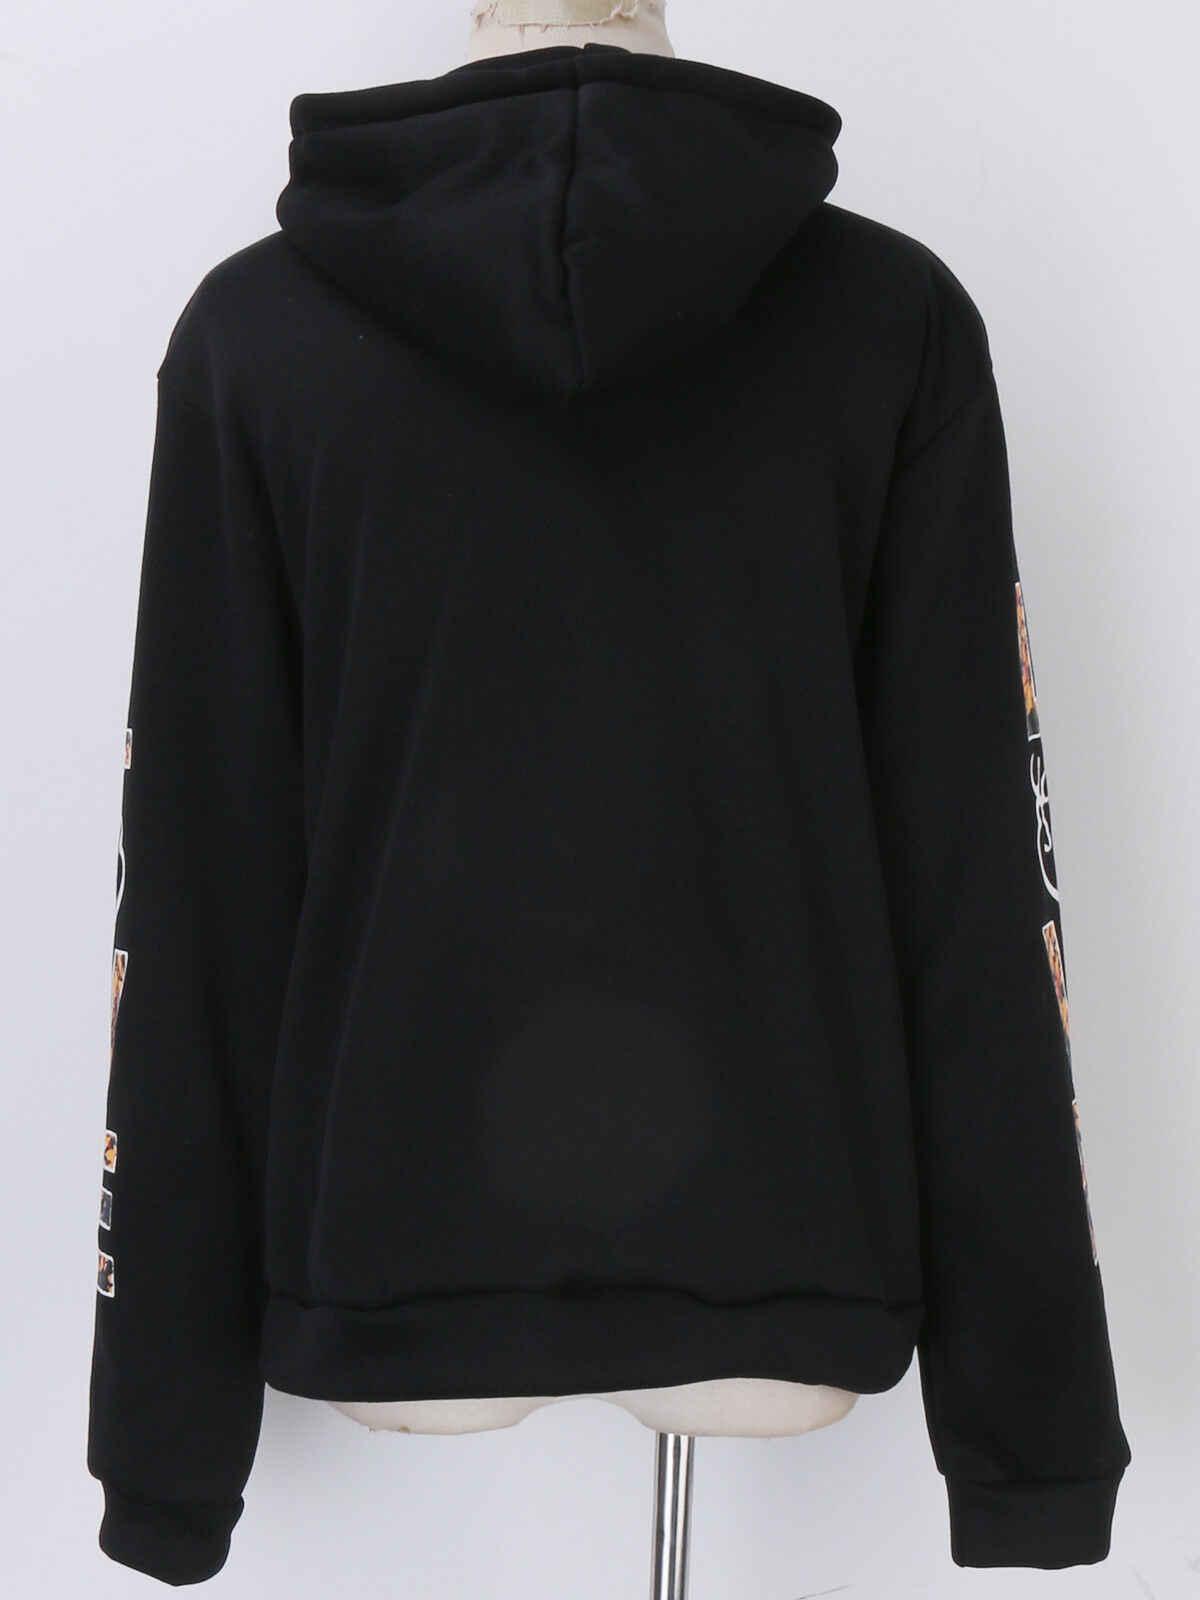 ผู้หญิงฤดูหนาวสบายๆ Hoodie Pullover ผ้าฝ้ายเสื้อกันหนาว Hooded Coat กราฟิก TOP